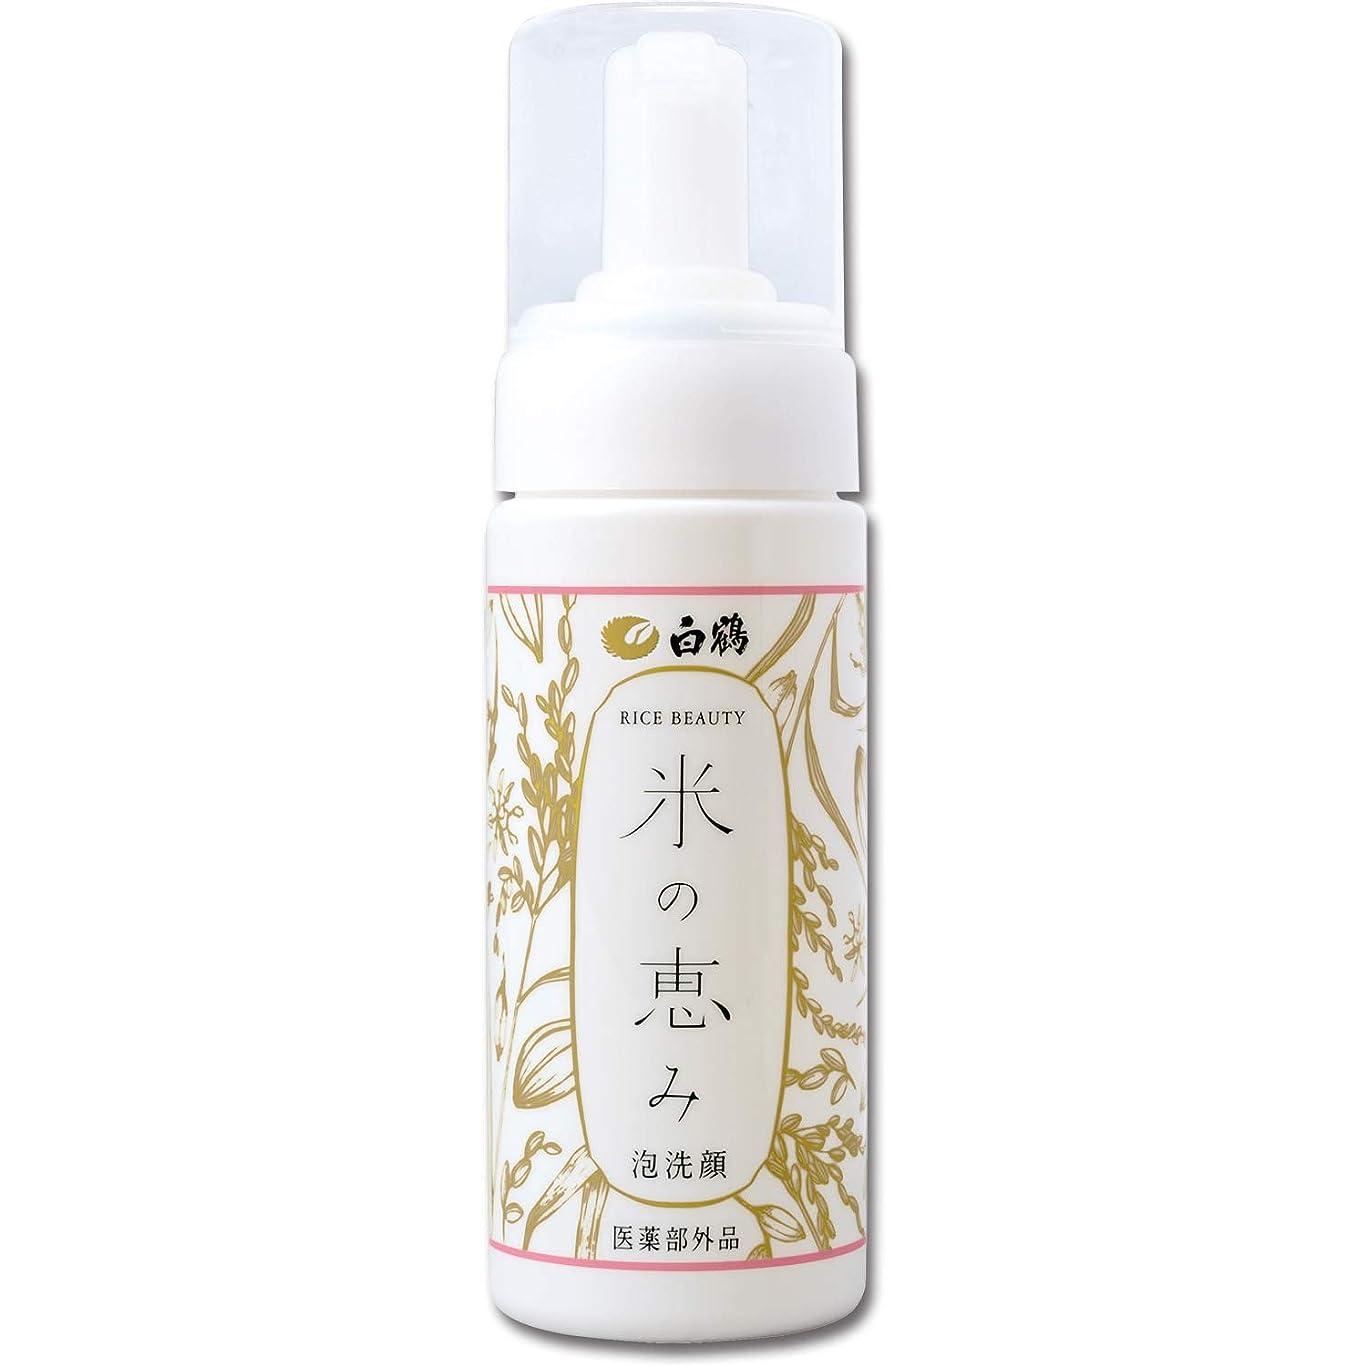 トラブル成り立つ相関する白鶴 ライスビューティー 米の恵み 泡洗顔 150ml (医薬部外品)